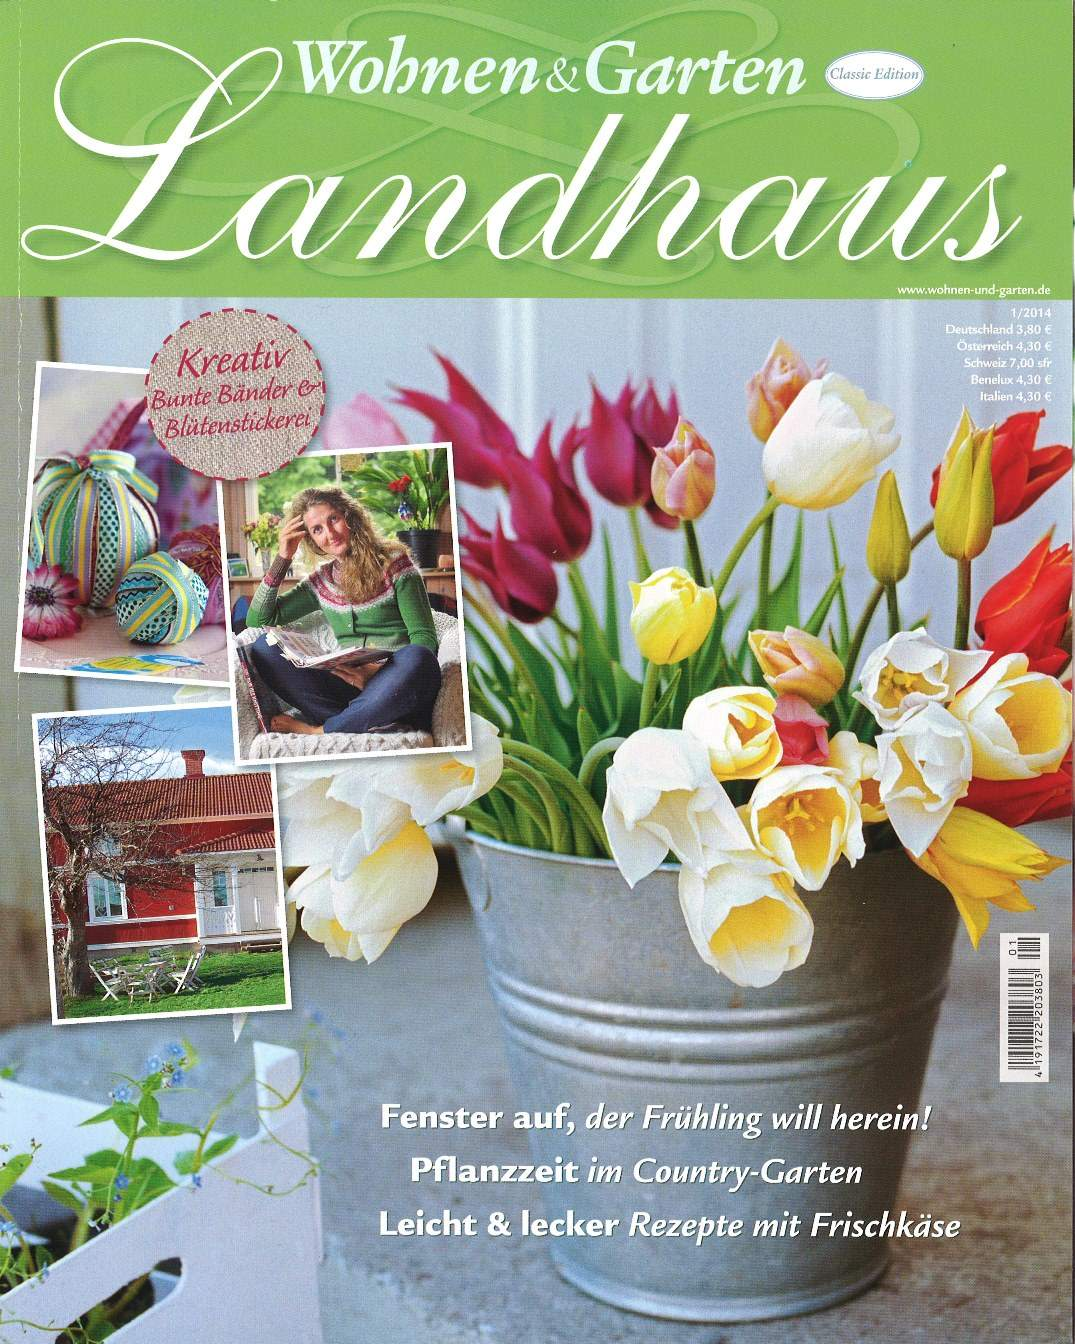 Wohnen Und Garten Inspirierend Wohnen Und Garten Landhaus 01 2014